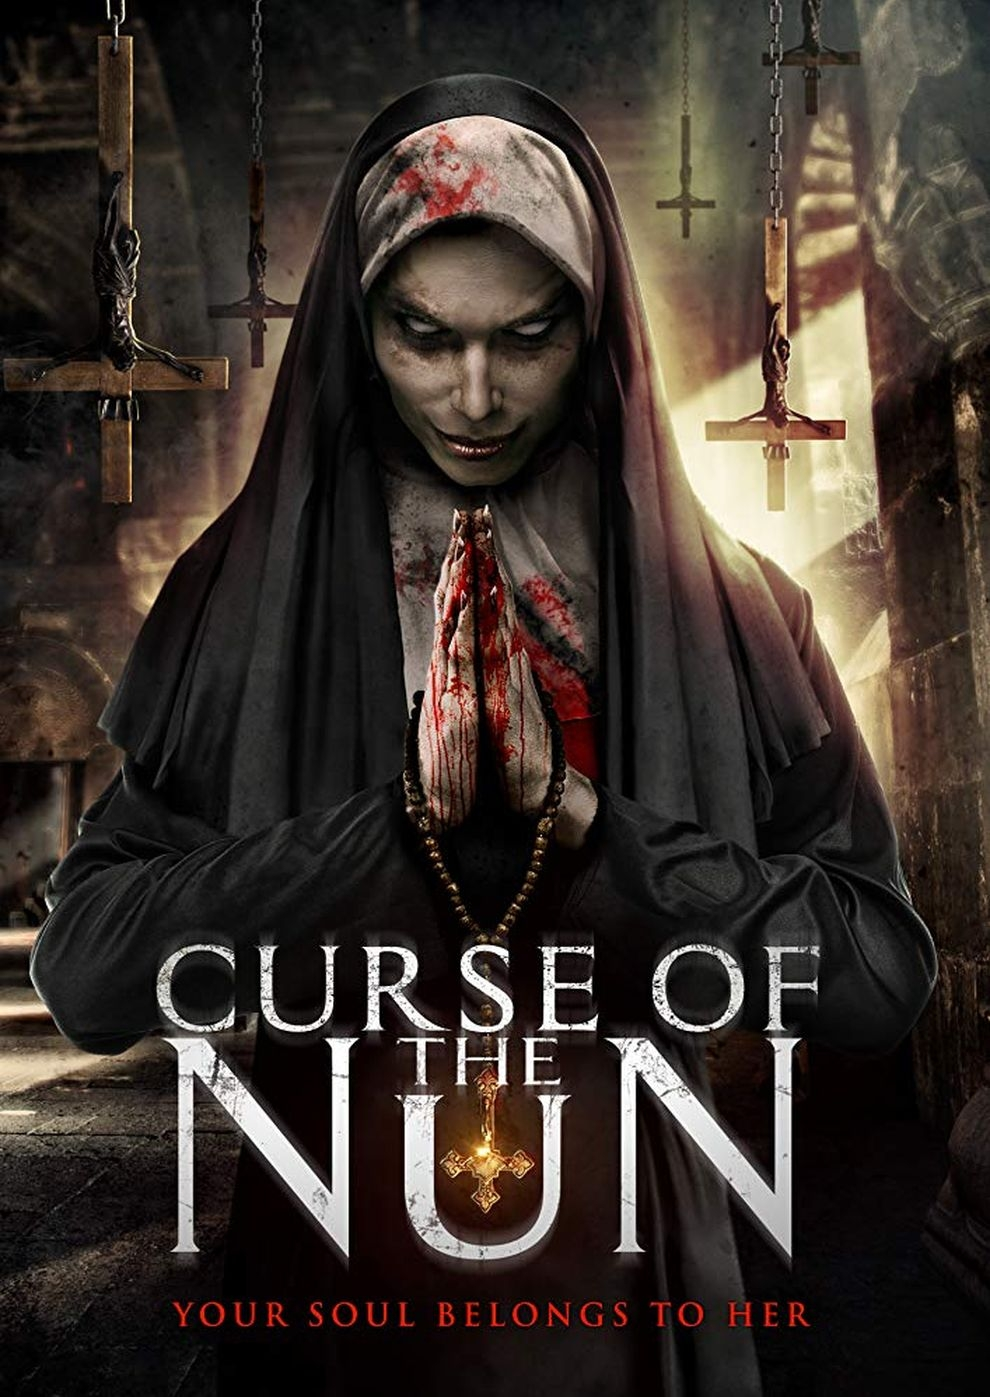 Curse of the Nun - Deine Seele gehört ihr (Poster)